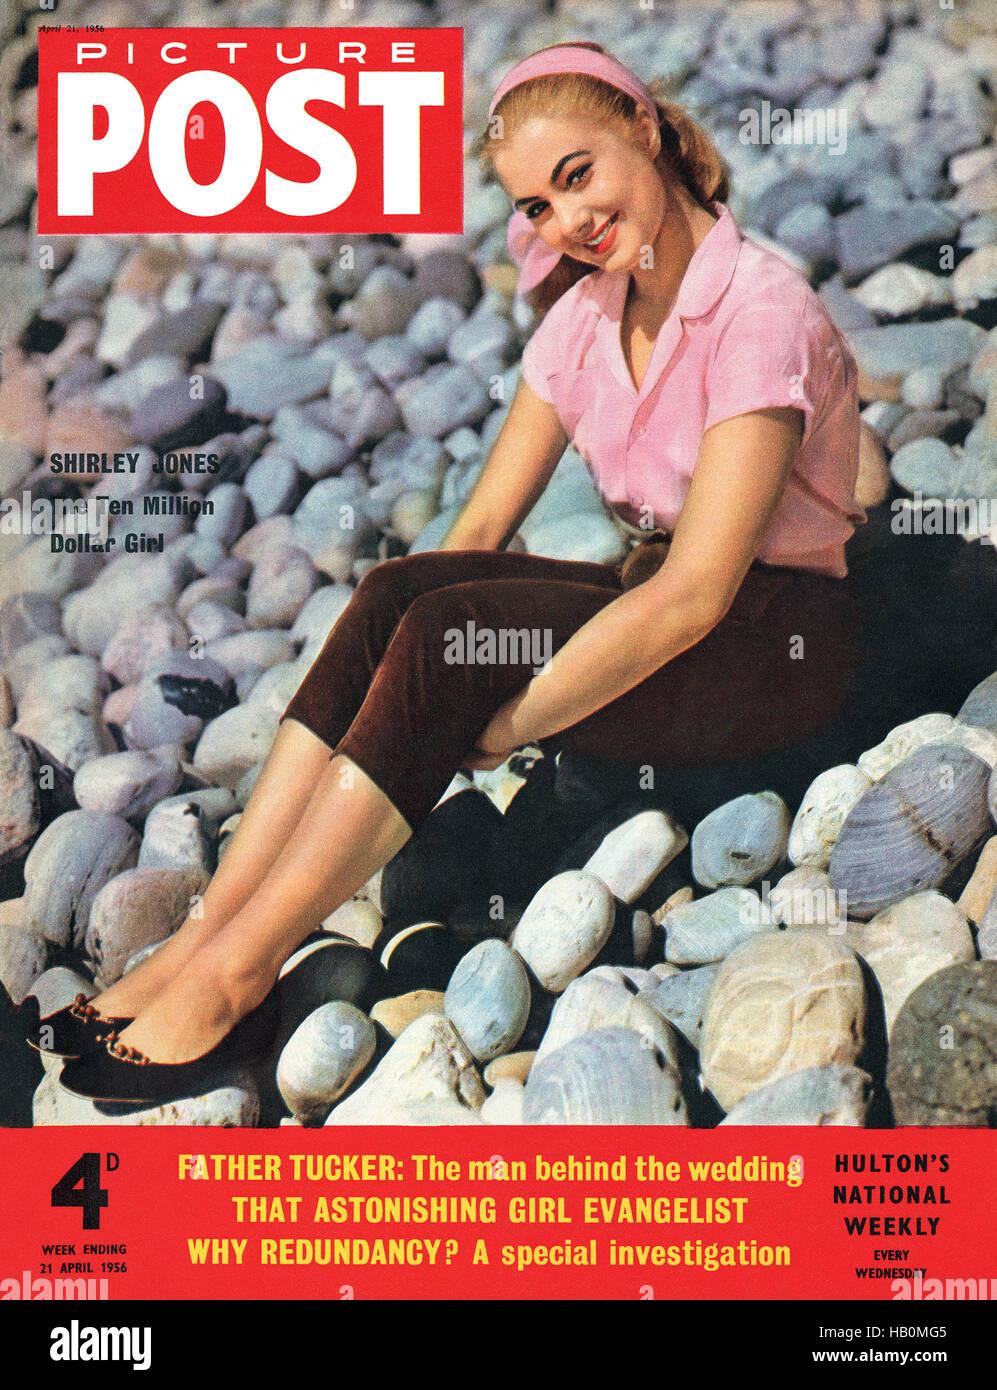 Vordere Abdeckung des Picture Post Magazin für 21. April 1956 mit Schauspielerin Shirley Jones Stockbild